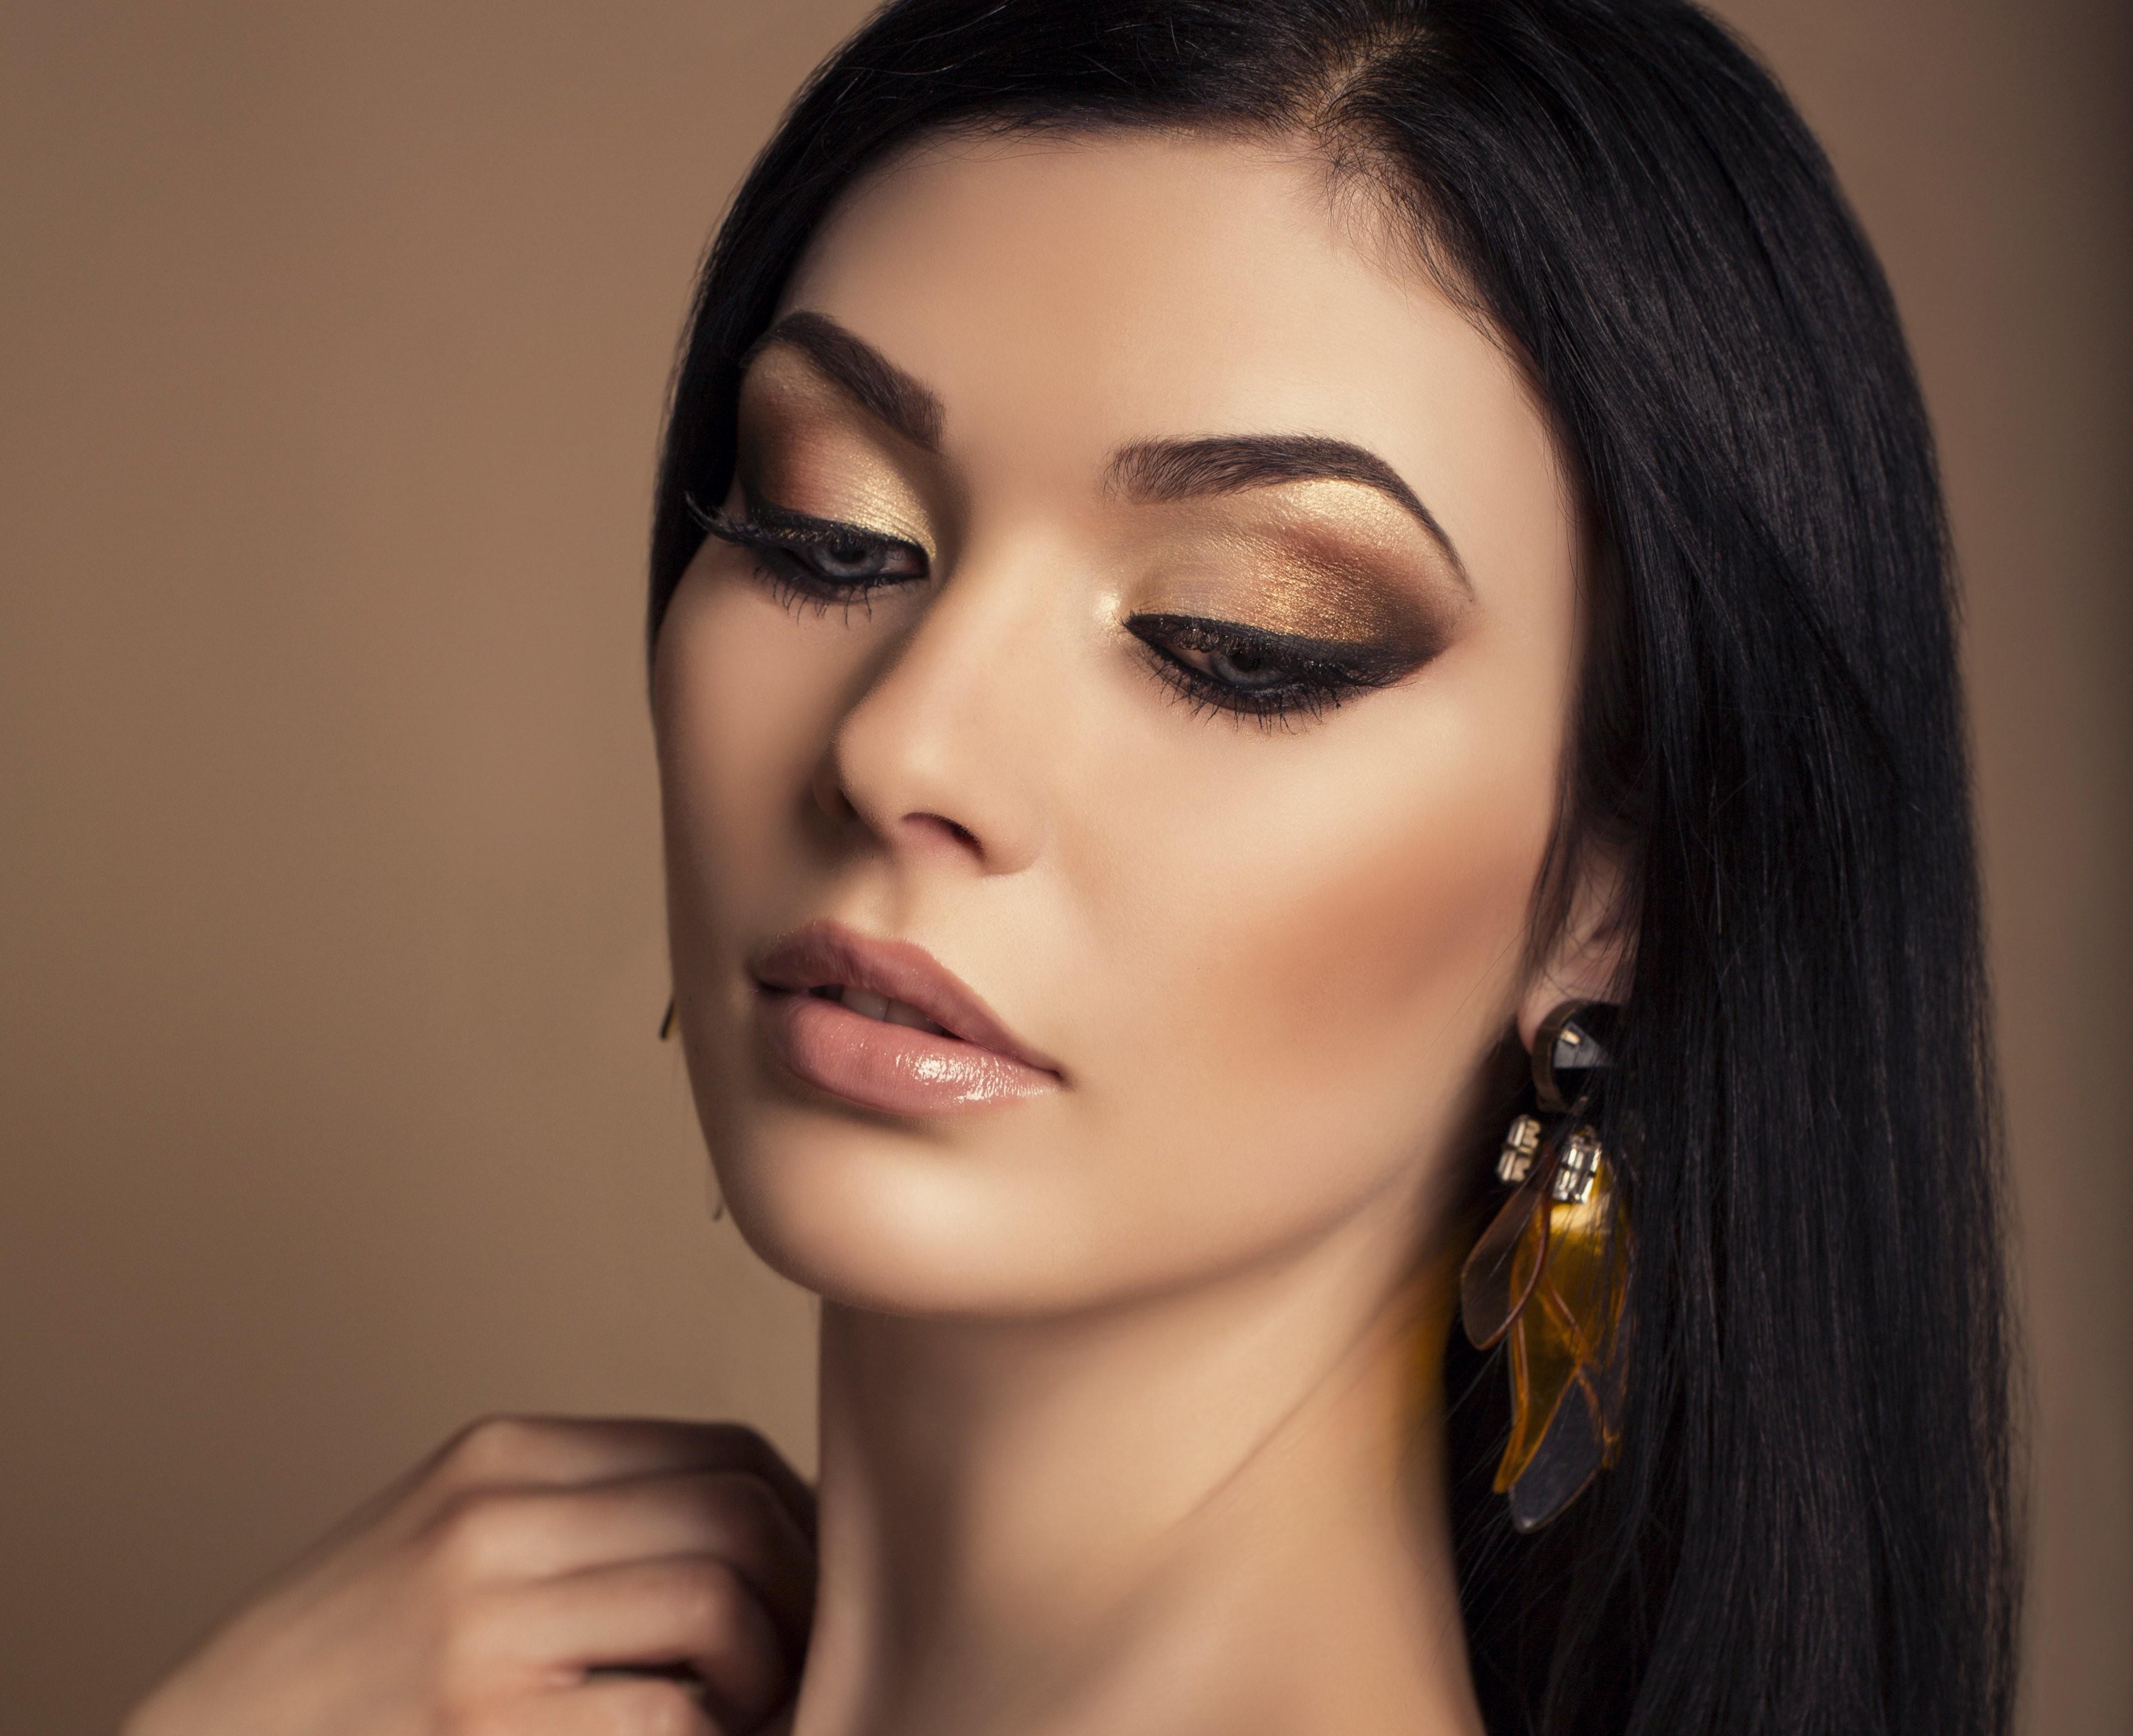 Картинки с красивым макияжем на карие глаза